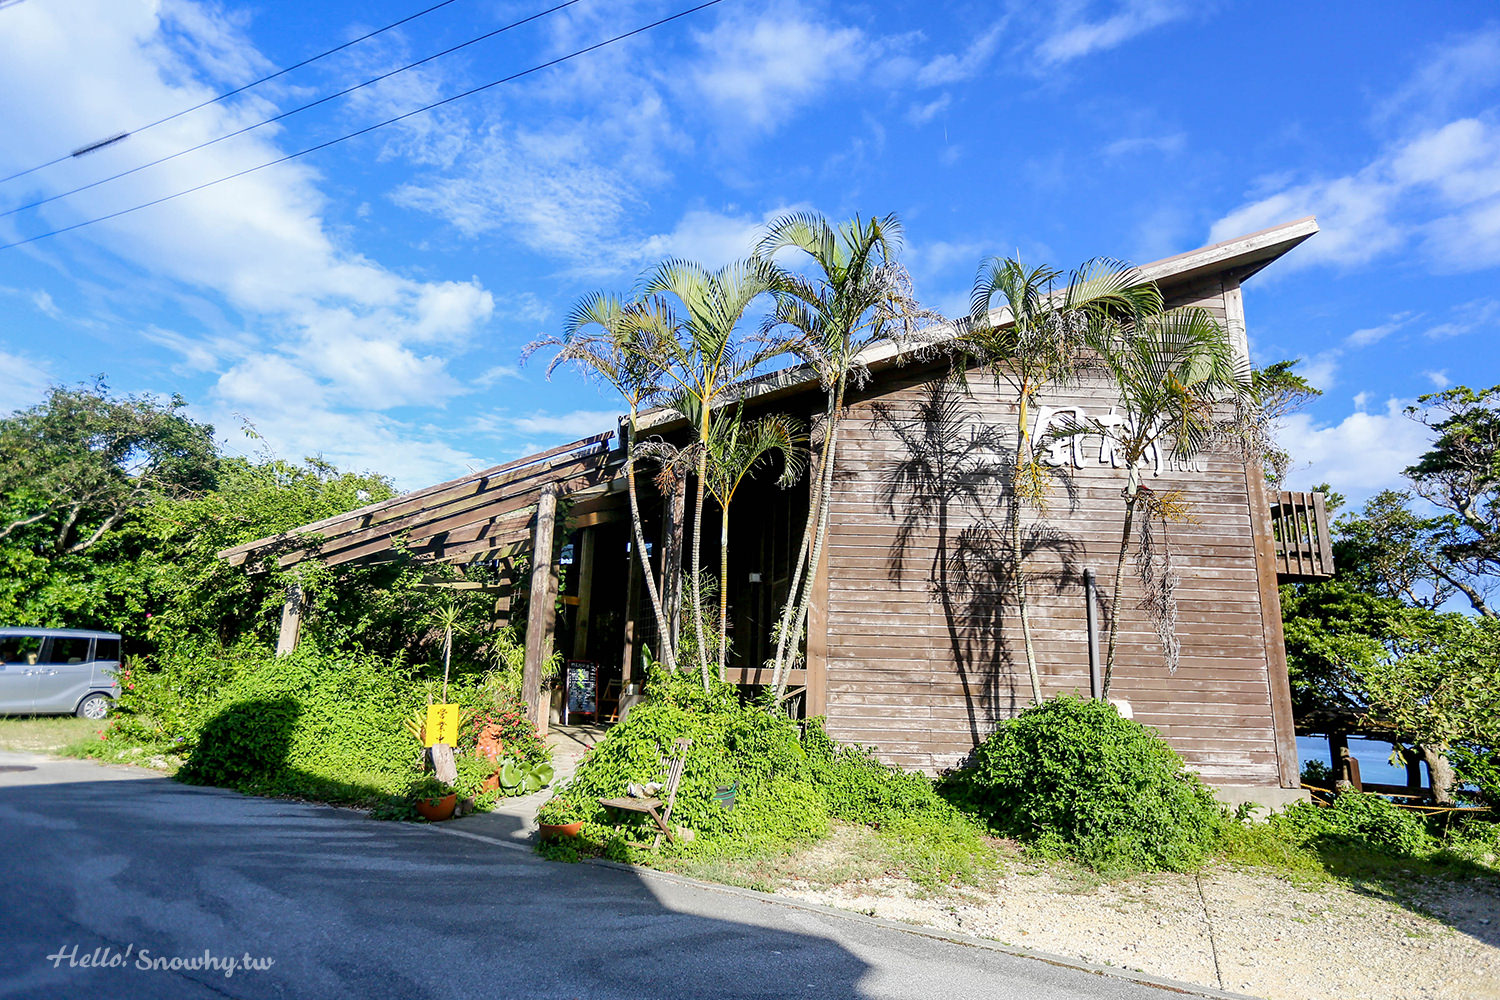 沖繩海景咖啡廳,南城,風樹咖啡,カフェ,無際海景咖啡廳,沖繩美食,沖繩下午茶,沖繩景點,咖啡風樹